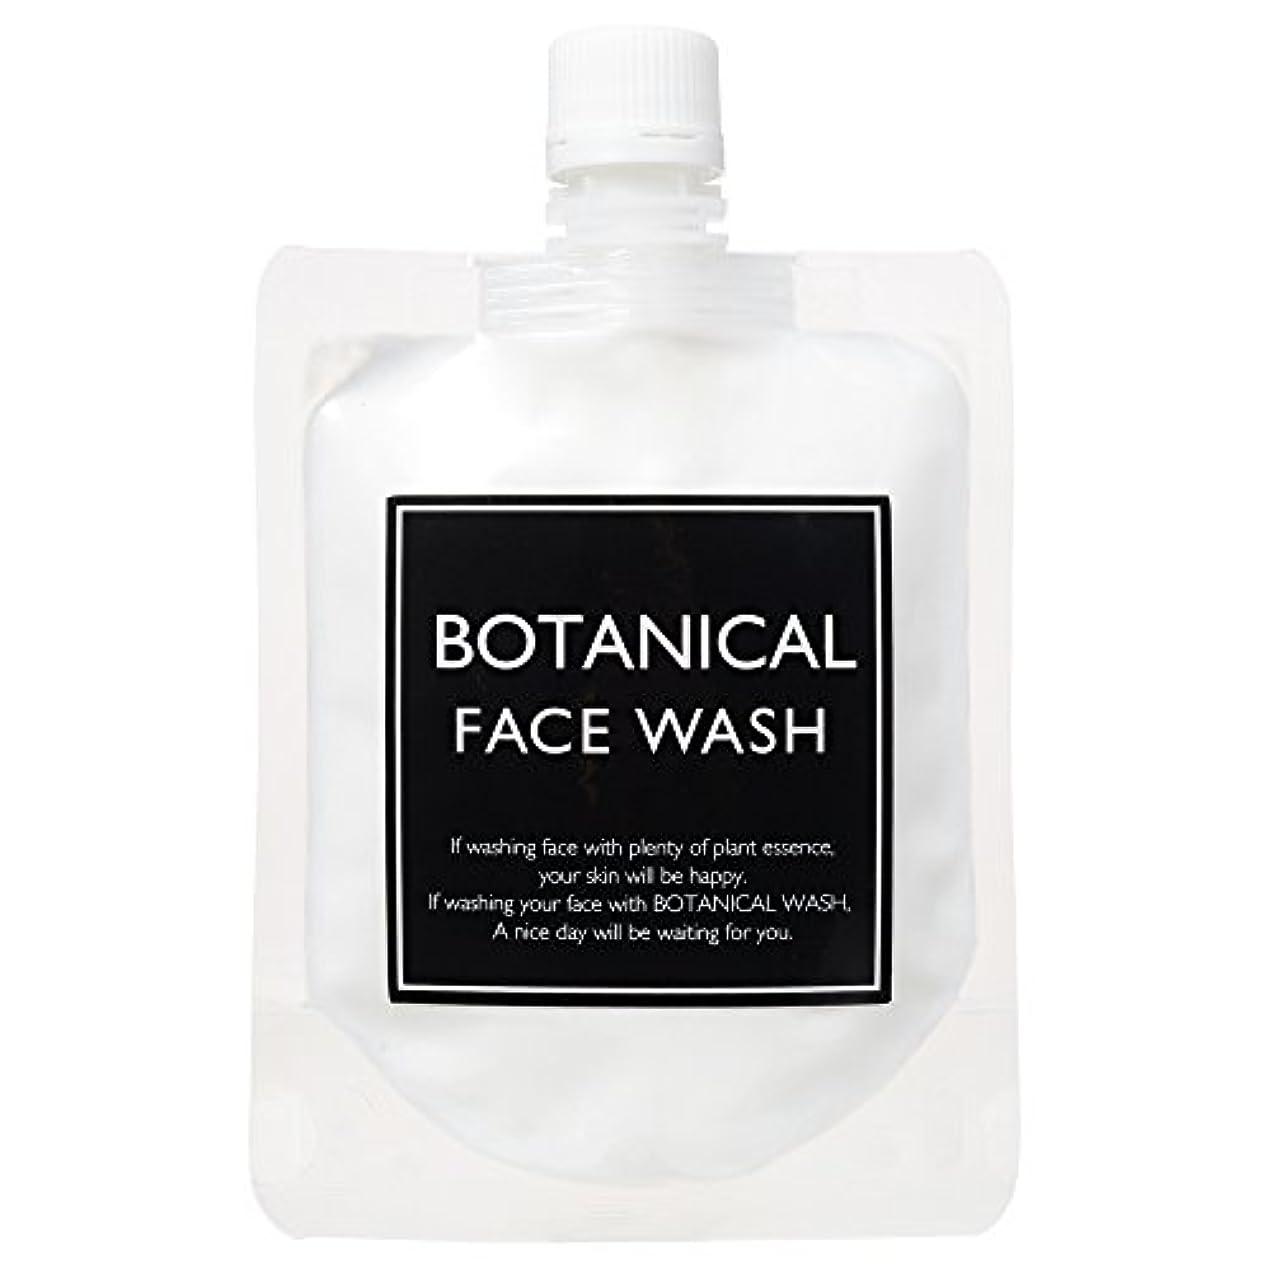 メリー筋真向こう【BOTANICAL FACE WASH】 ボタニカル フェイスウォッシュ 150g 泡洗顔